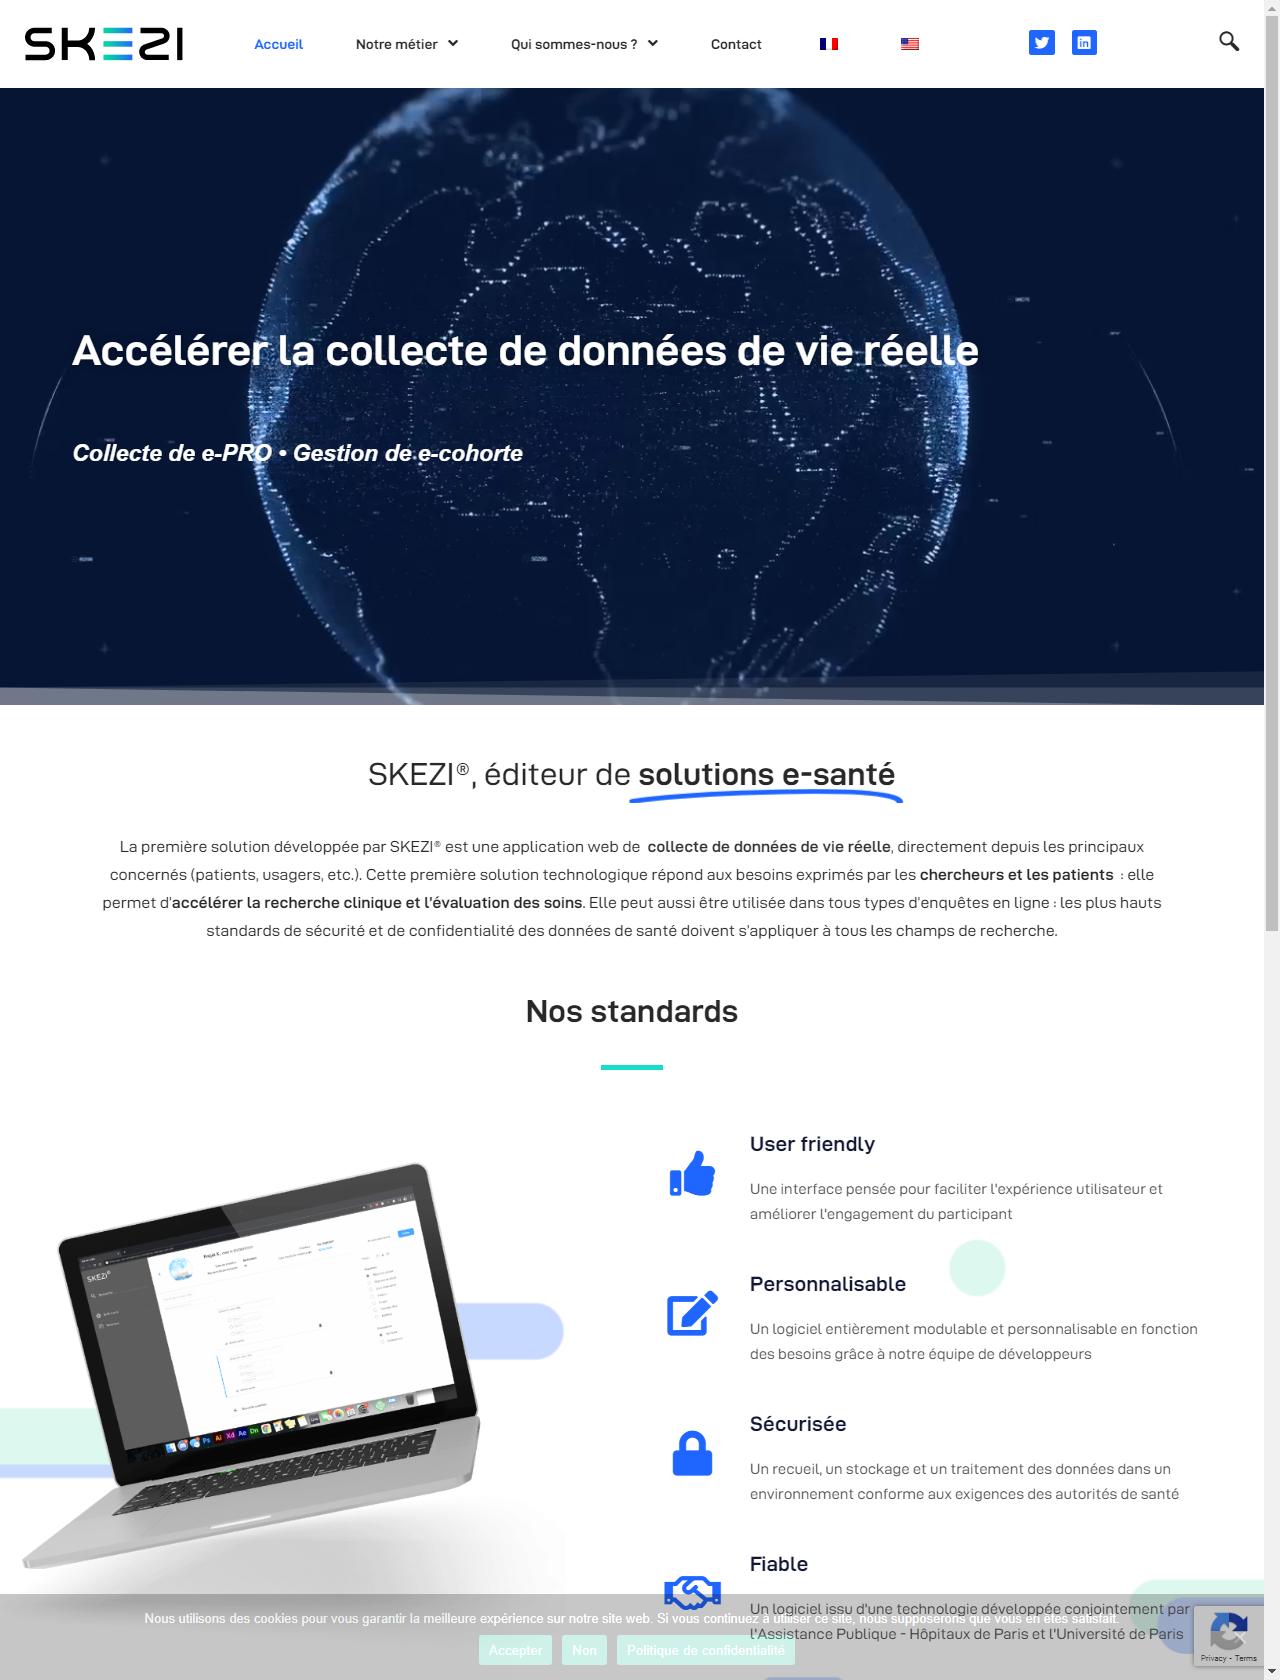 Screenshot Desktop - https://skezi.eu/